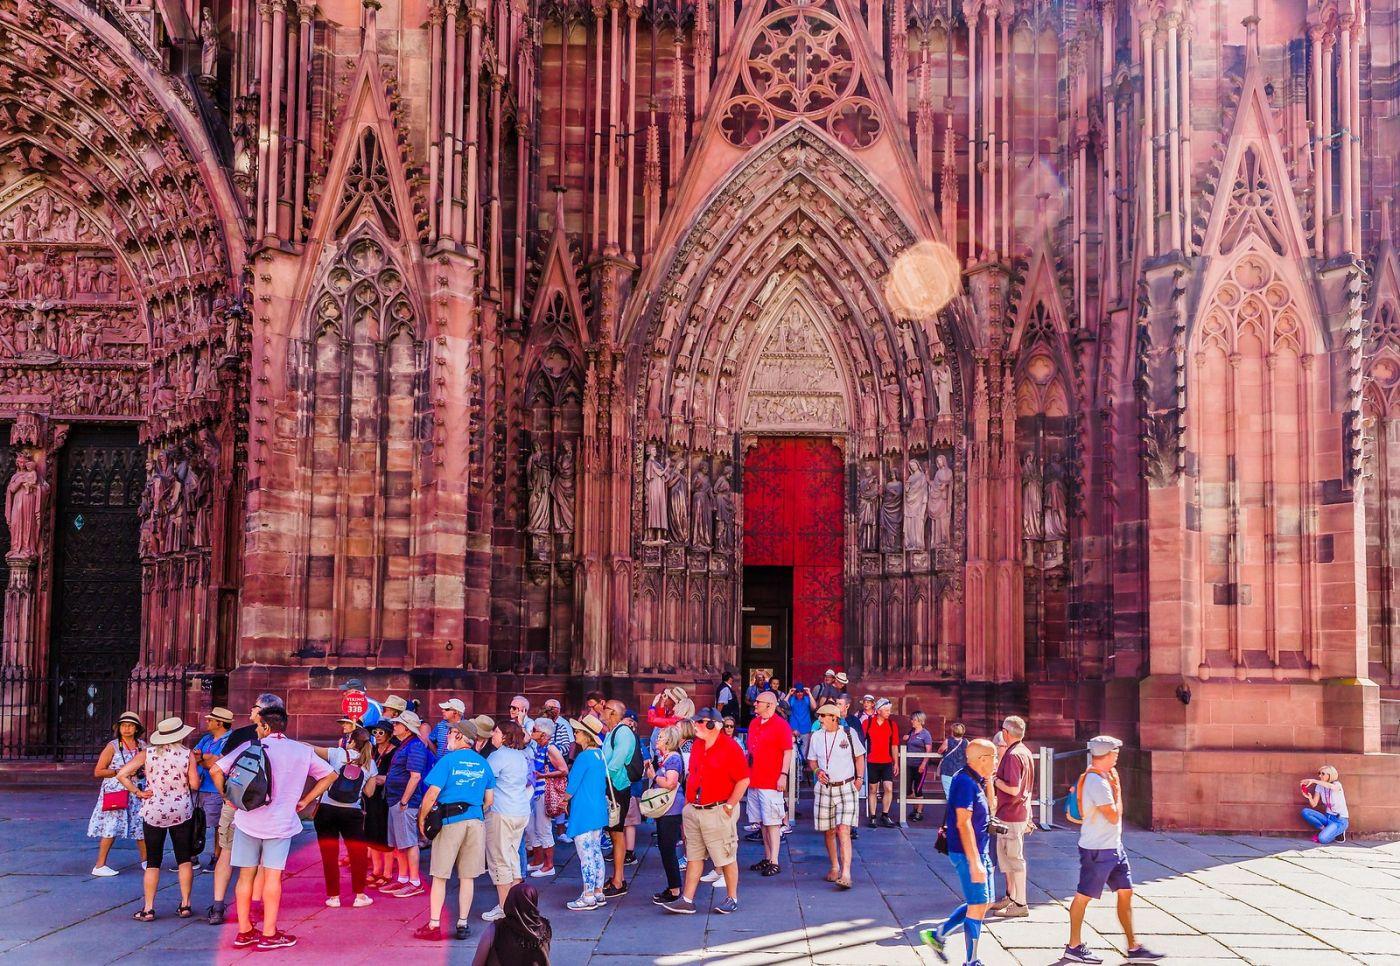 法国斯特拉斯堡(Strasbourg),八百年的主教堂_图1-11